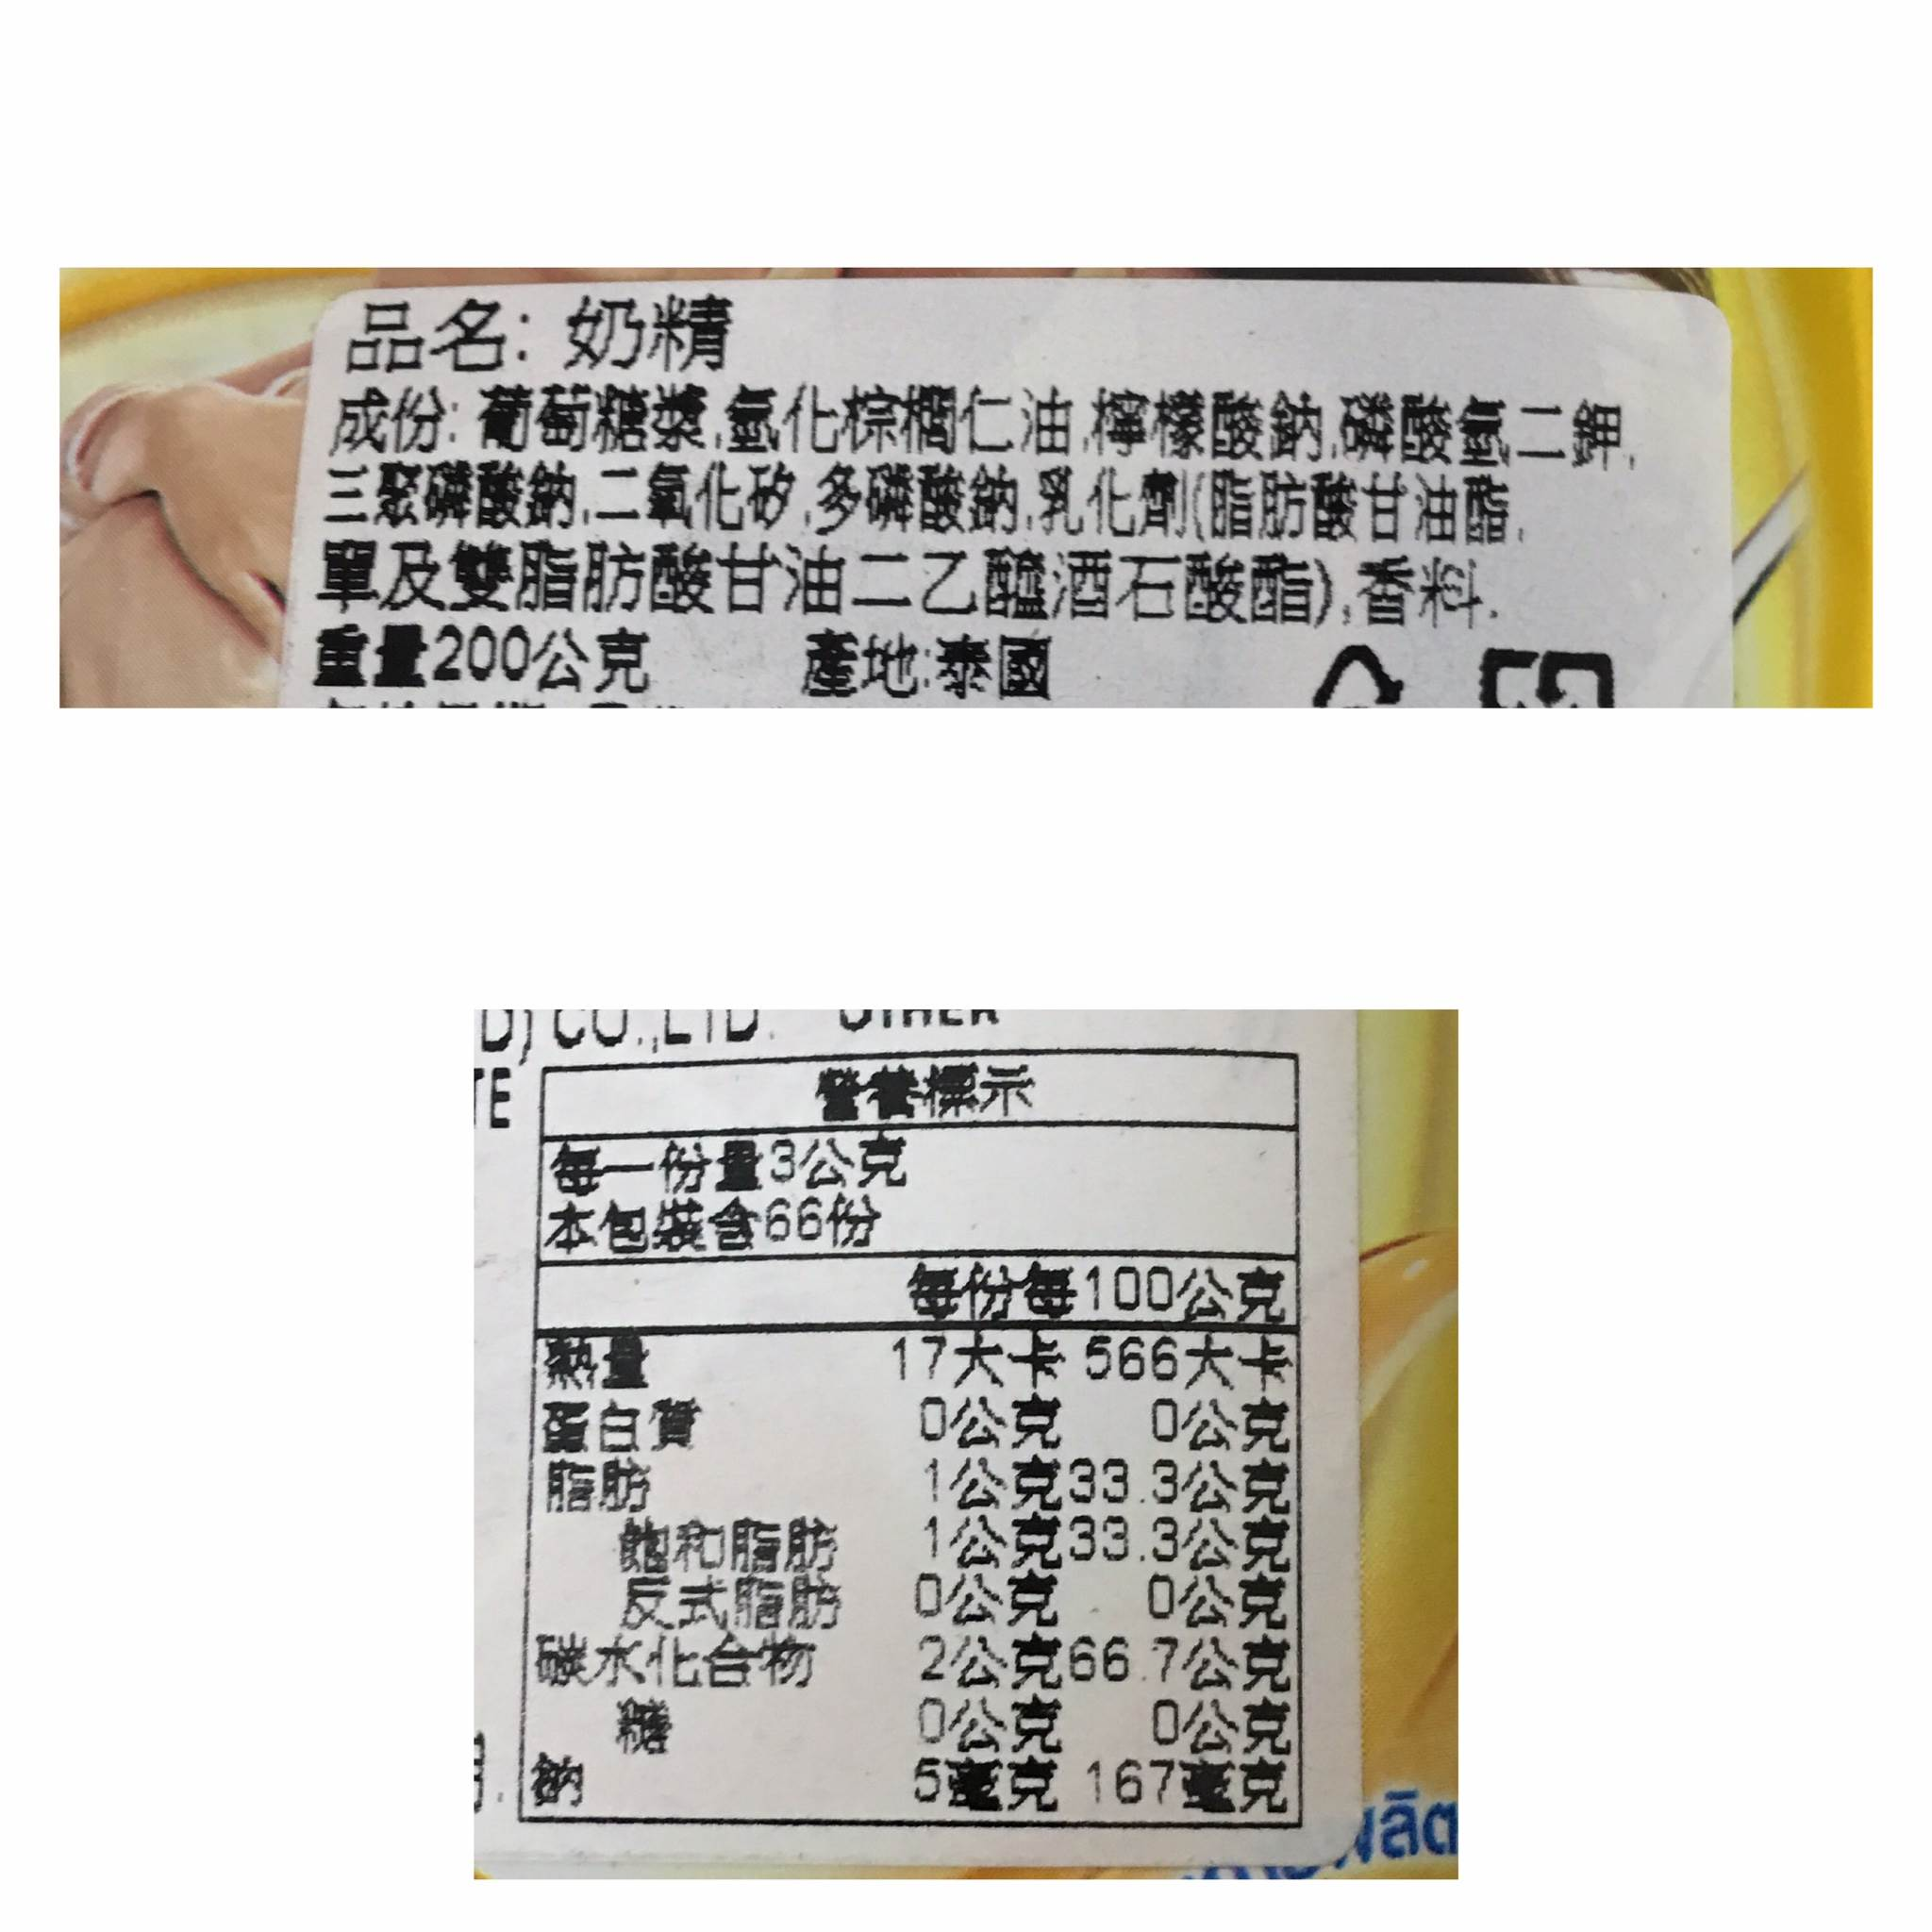 { 泰菲印越 }  泰國 雀巢 NESTLE 奶精 100克 1